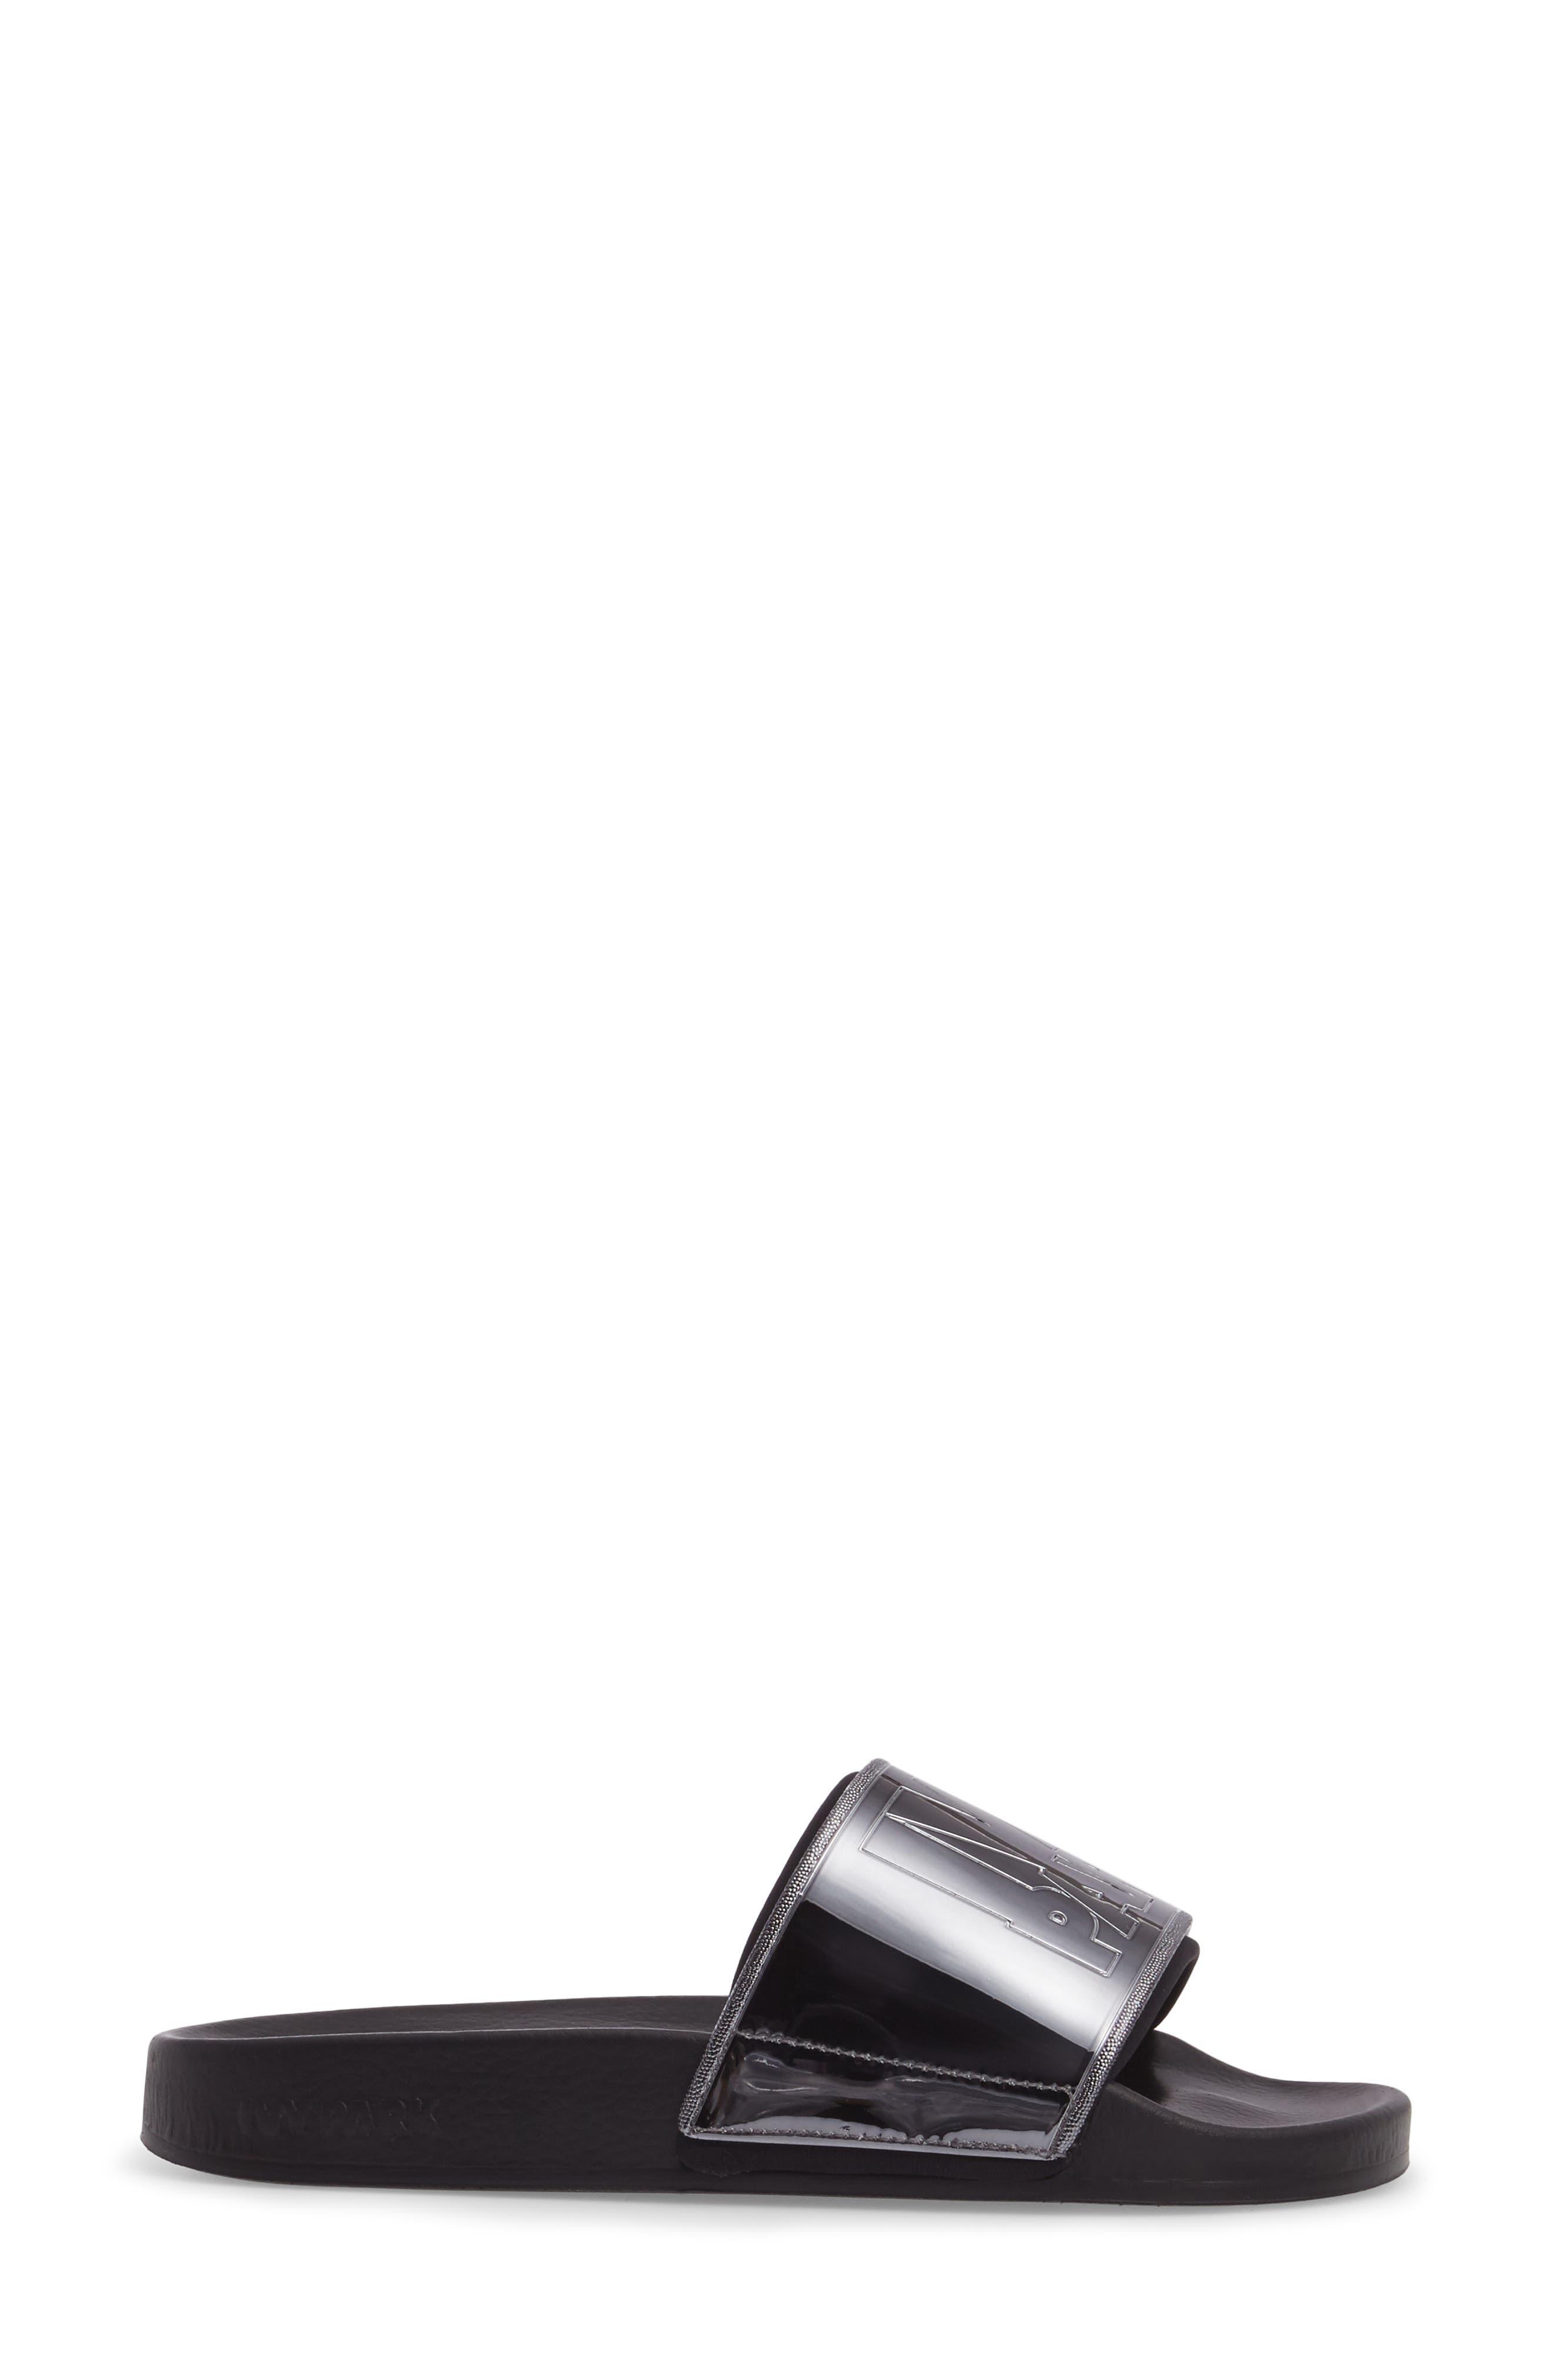 Alternate Image 3  - IVY PARK® Neoprene Lined Logo Slide Sandal (Women)